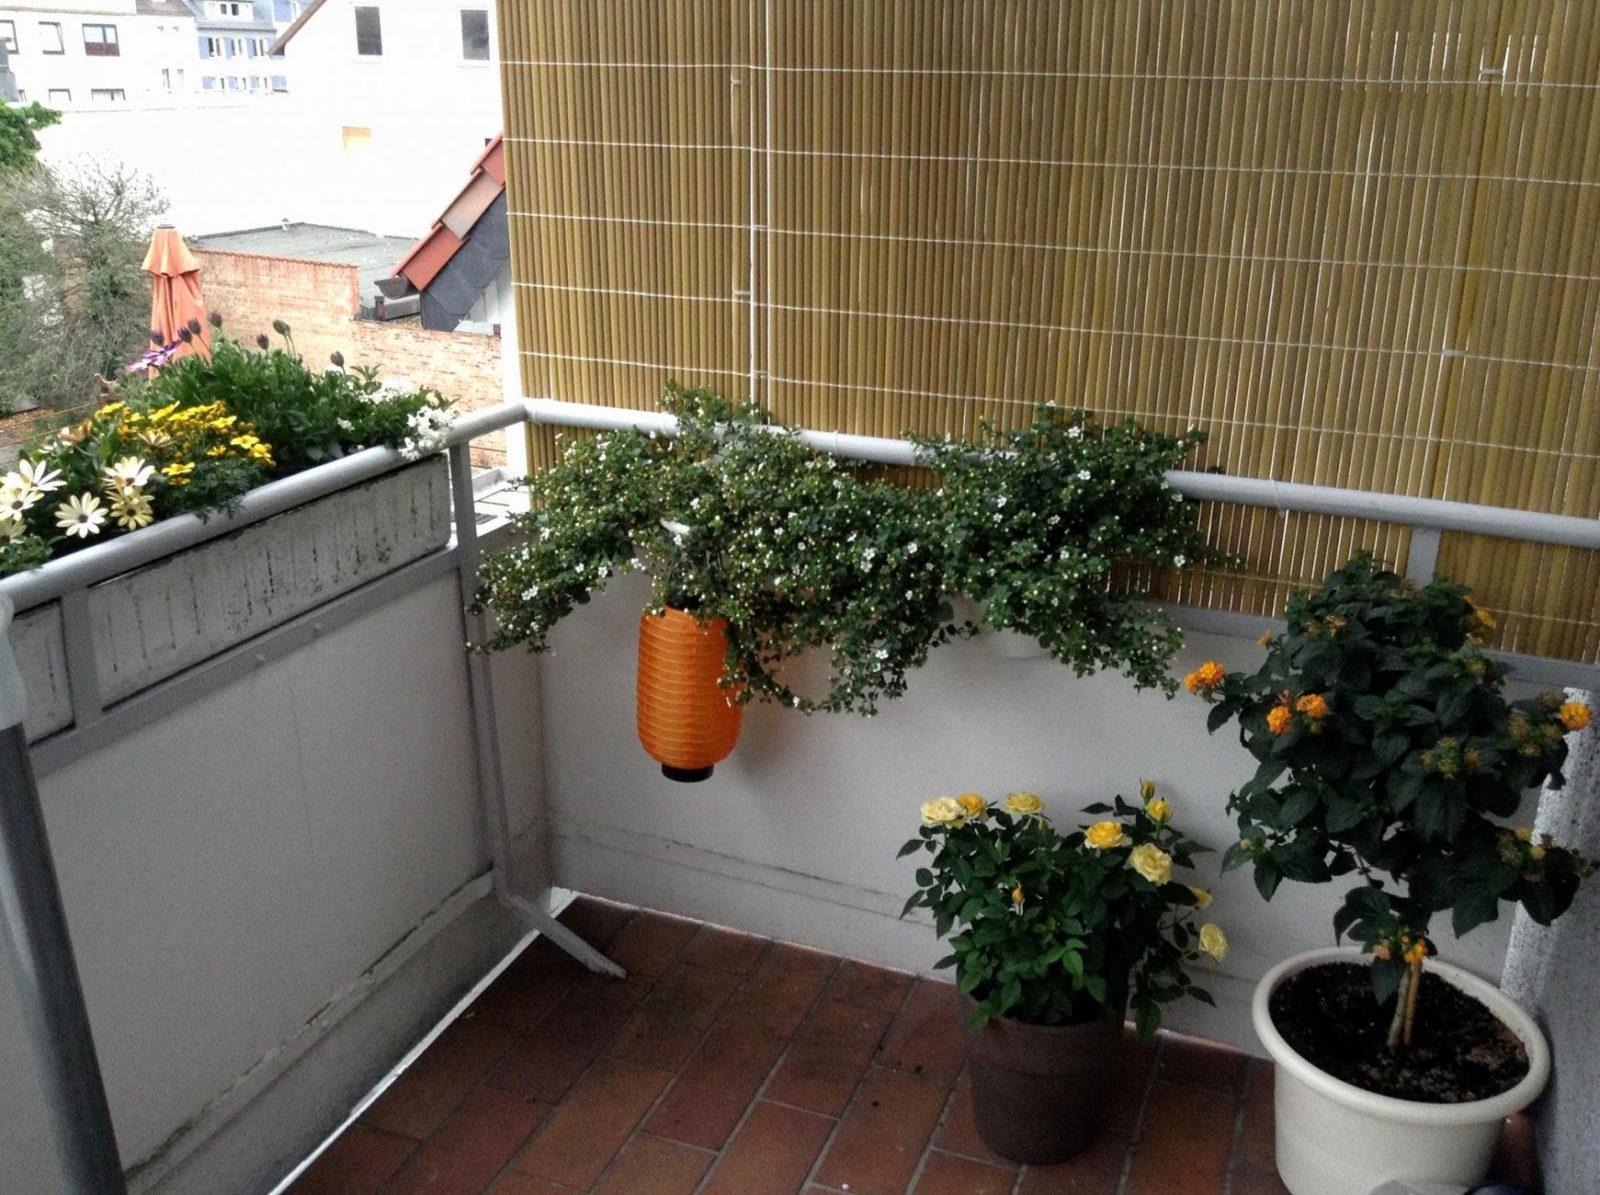 Balkon Sichtschutz Selber Machen Neu Glas Windschutz Fur Terrasse von Terrassen Sichtschutz Selber Bauen Bild